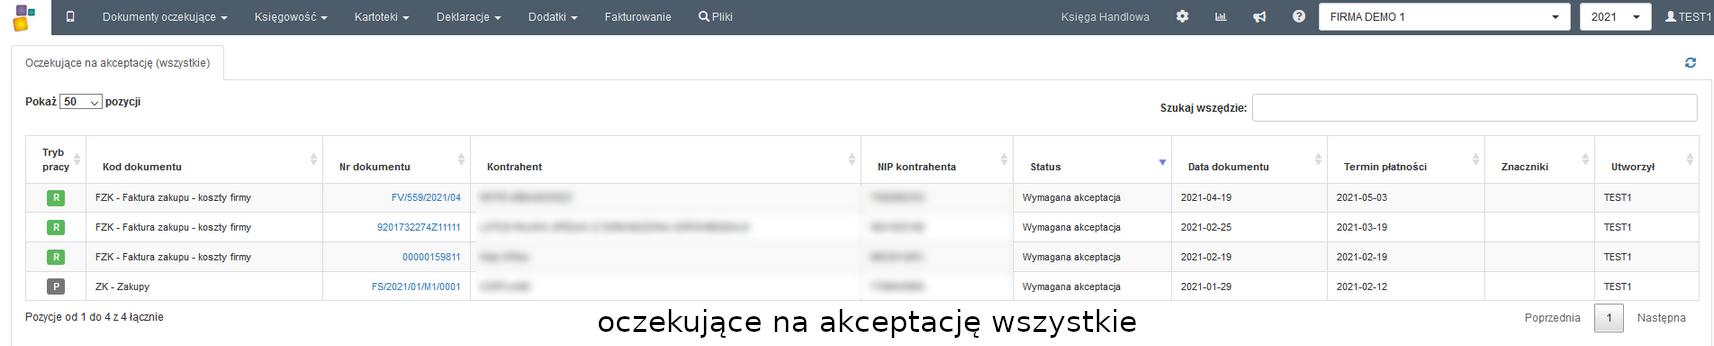 oczekujace_na _akceptacje_wzystkie1